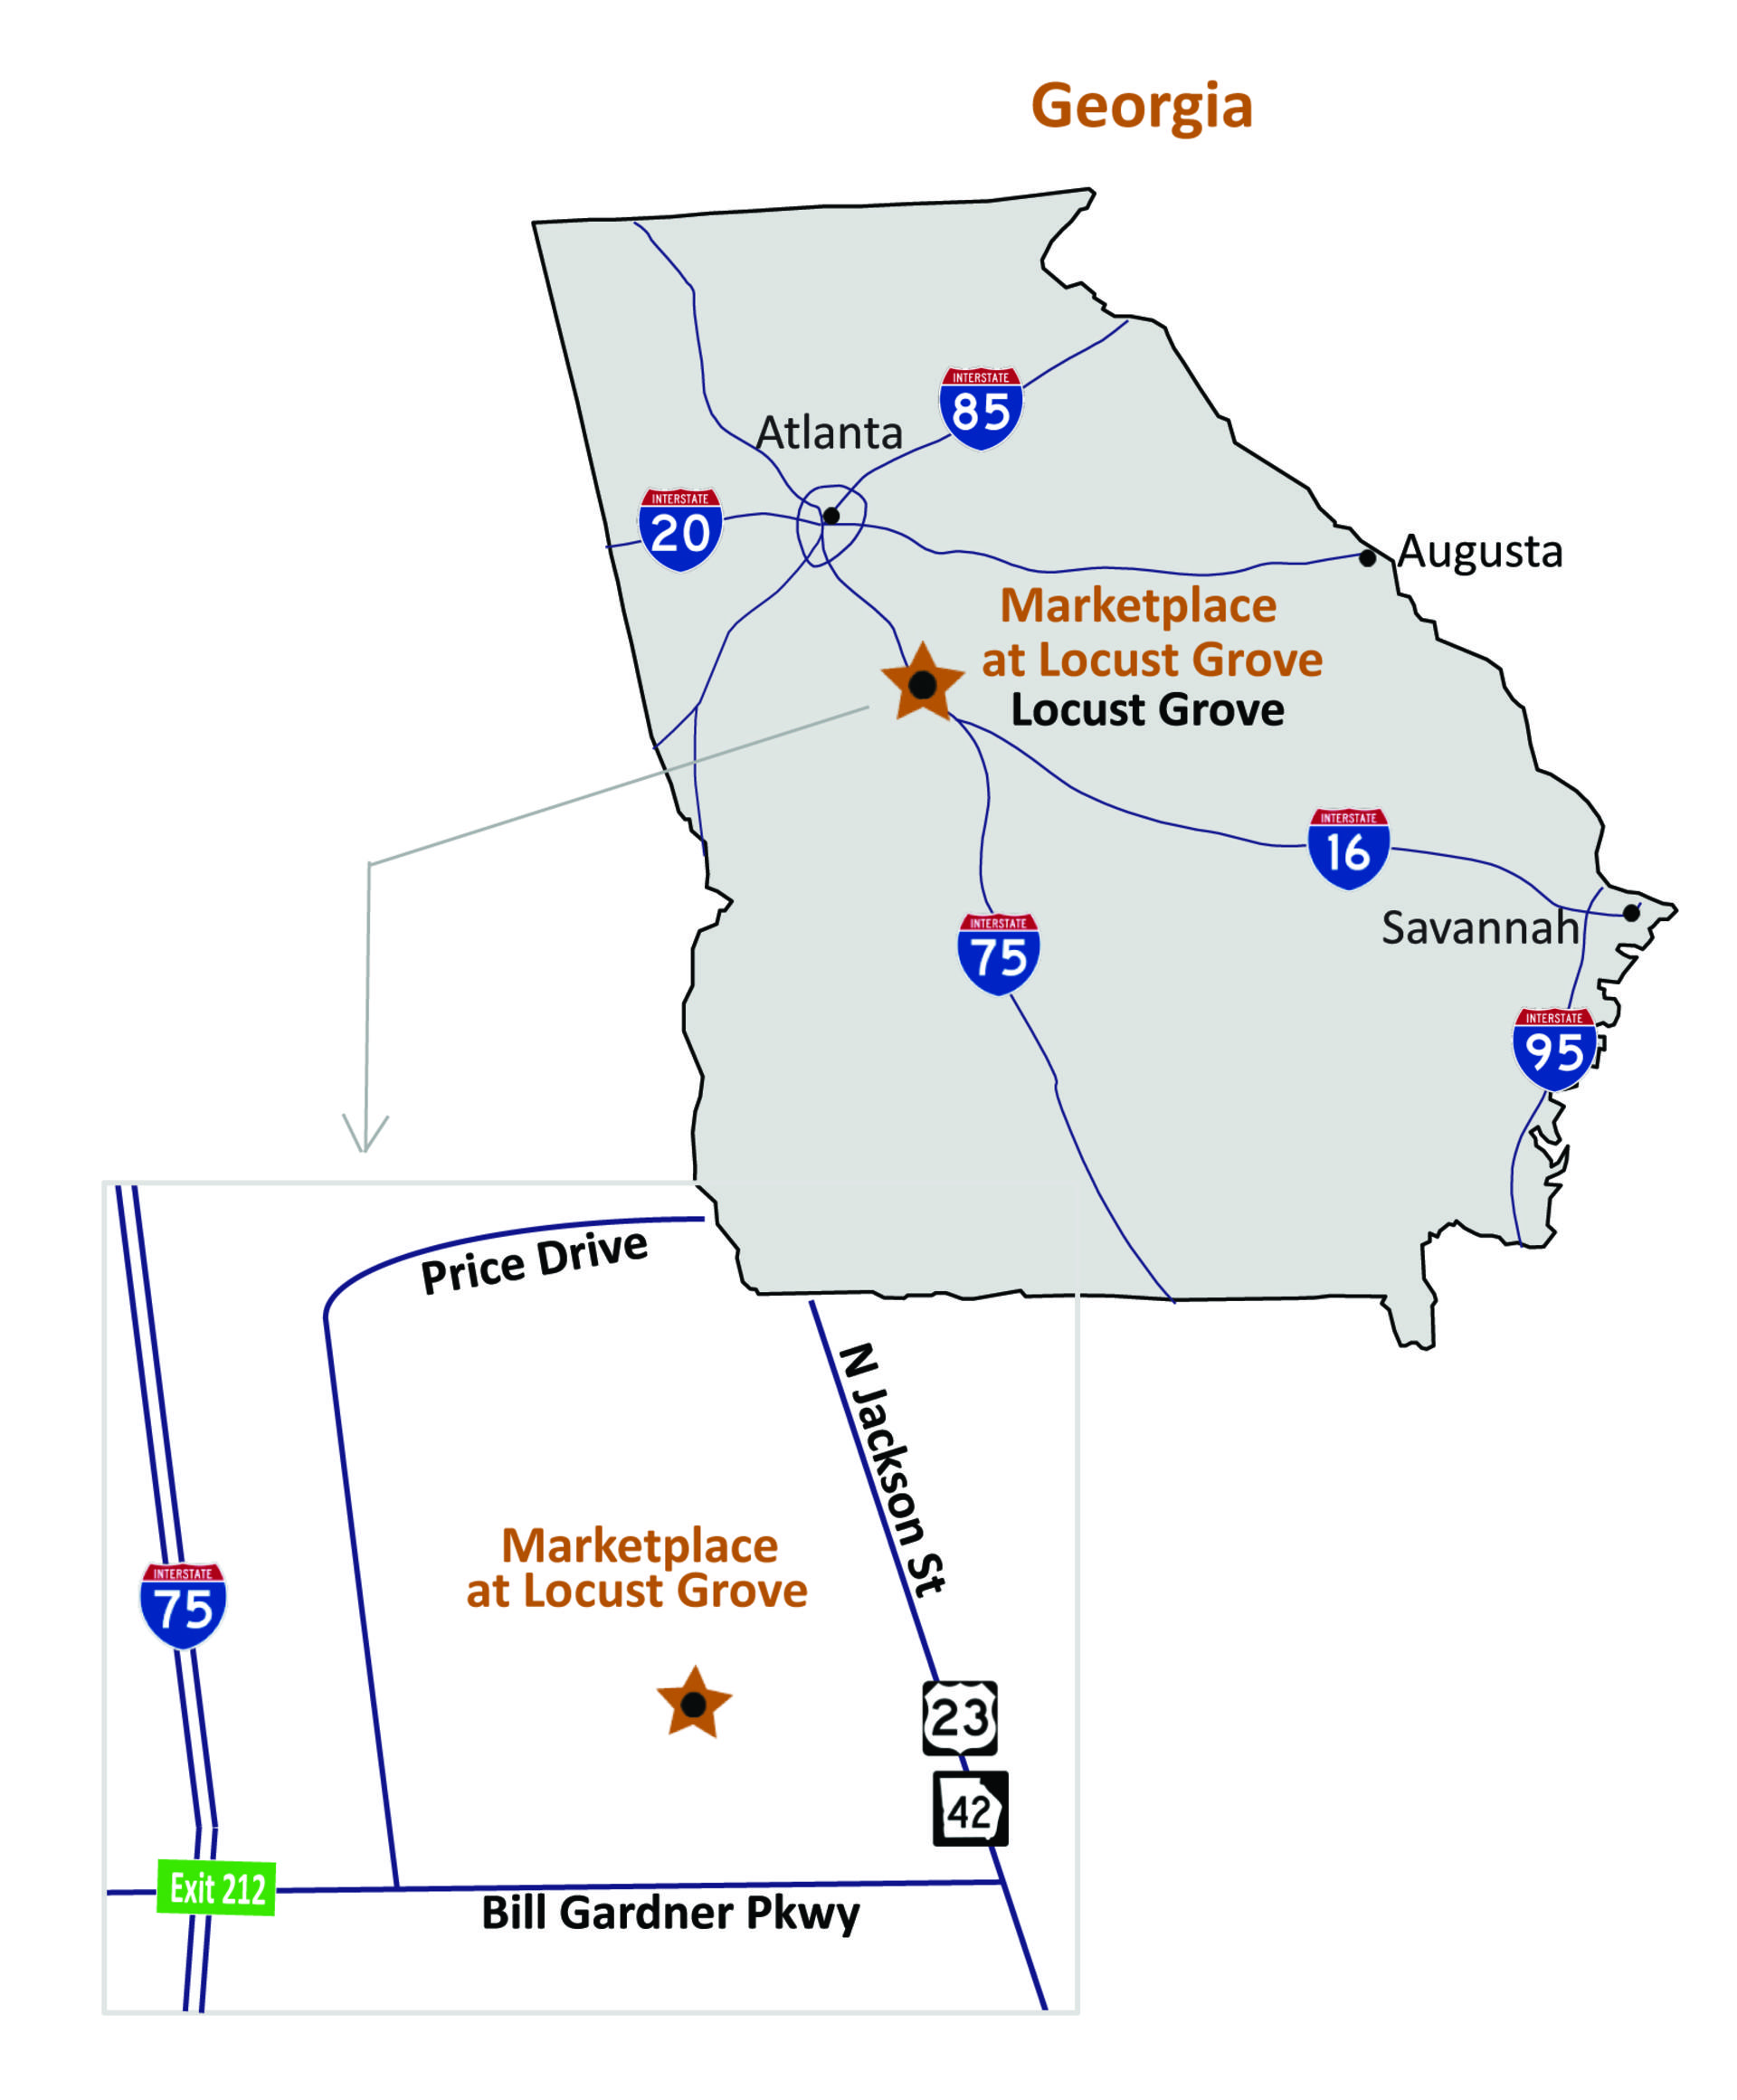 Locust Grove GA Marketplace At Locust Grove Retail Space For - Georgia map locust grove